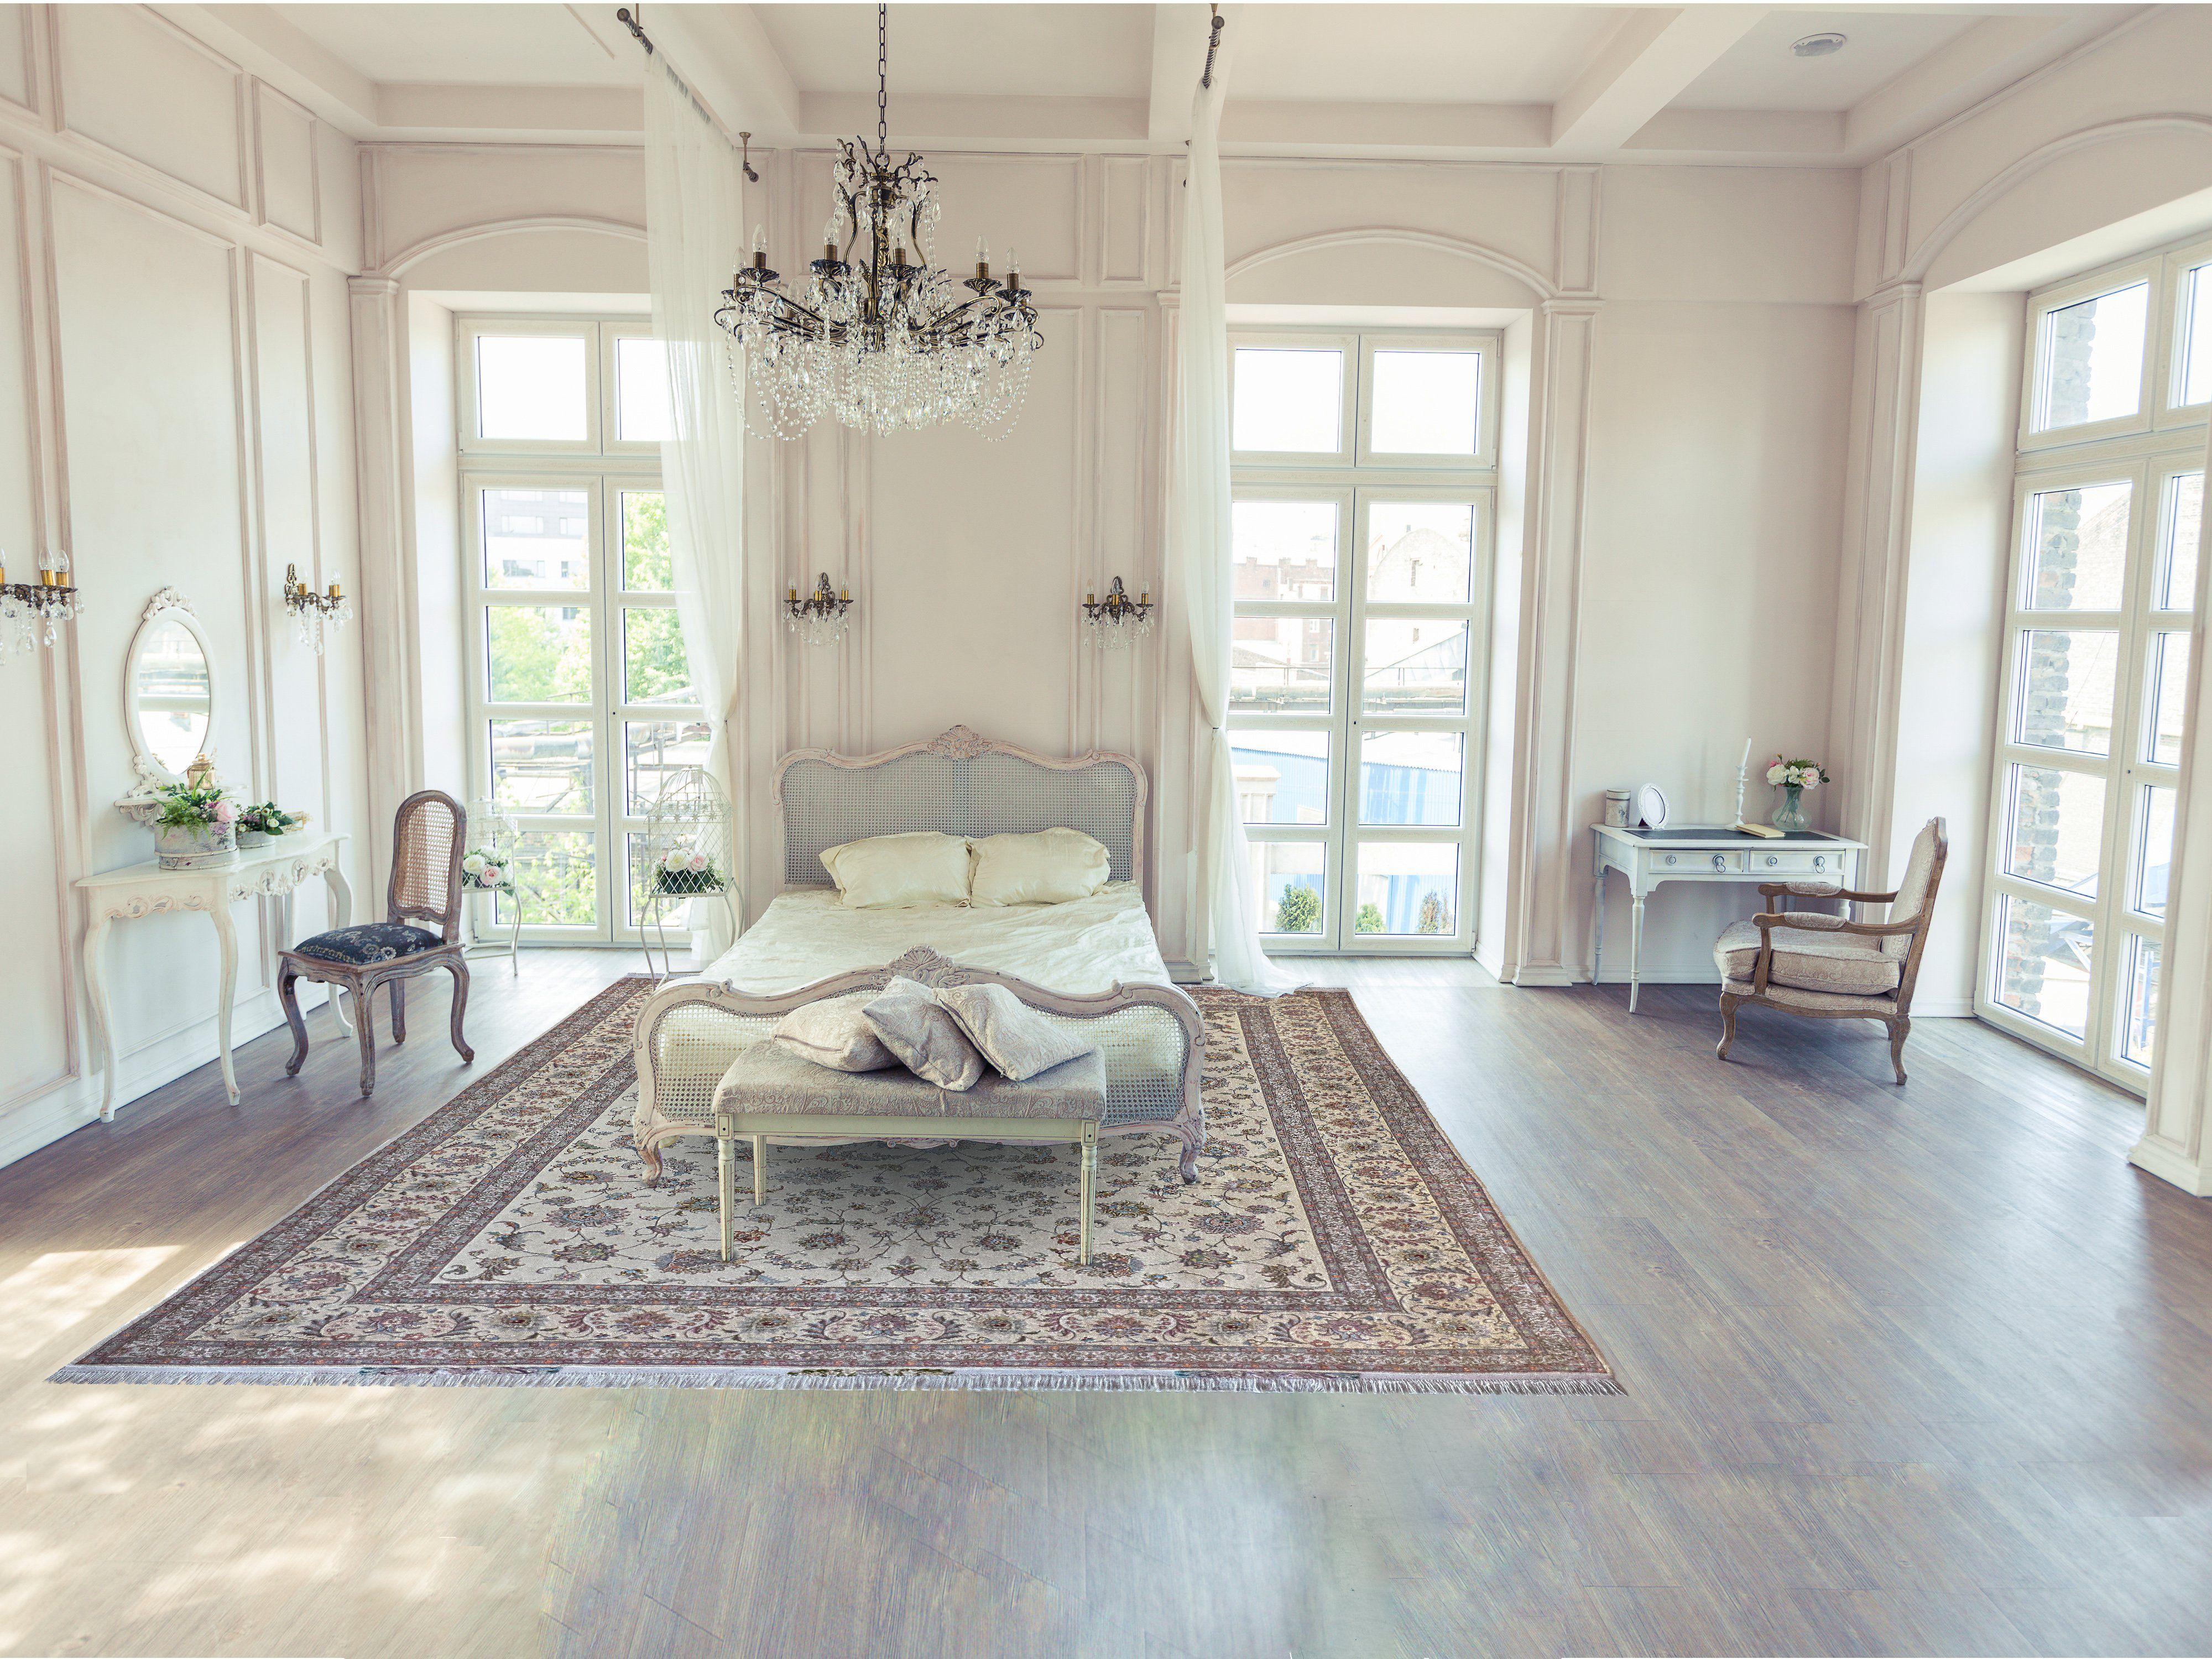 Moderne Wohnideen Mit Perserteppichen Das Haus Wohnen Perserteppich Rauminspiration